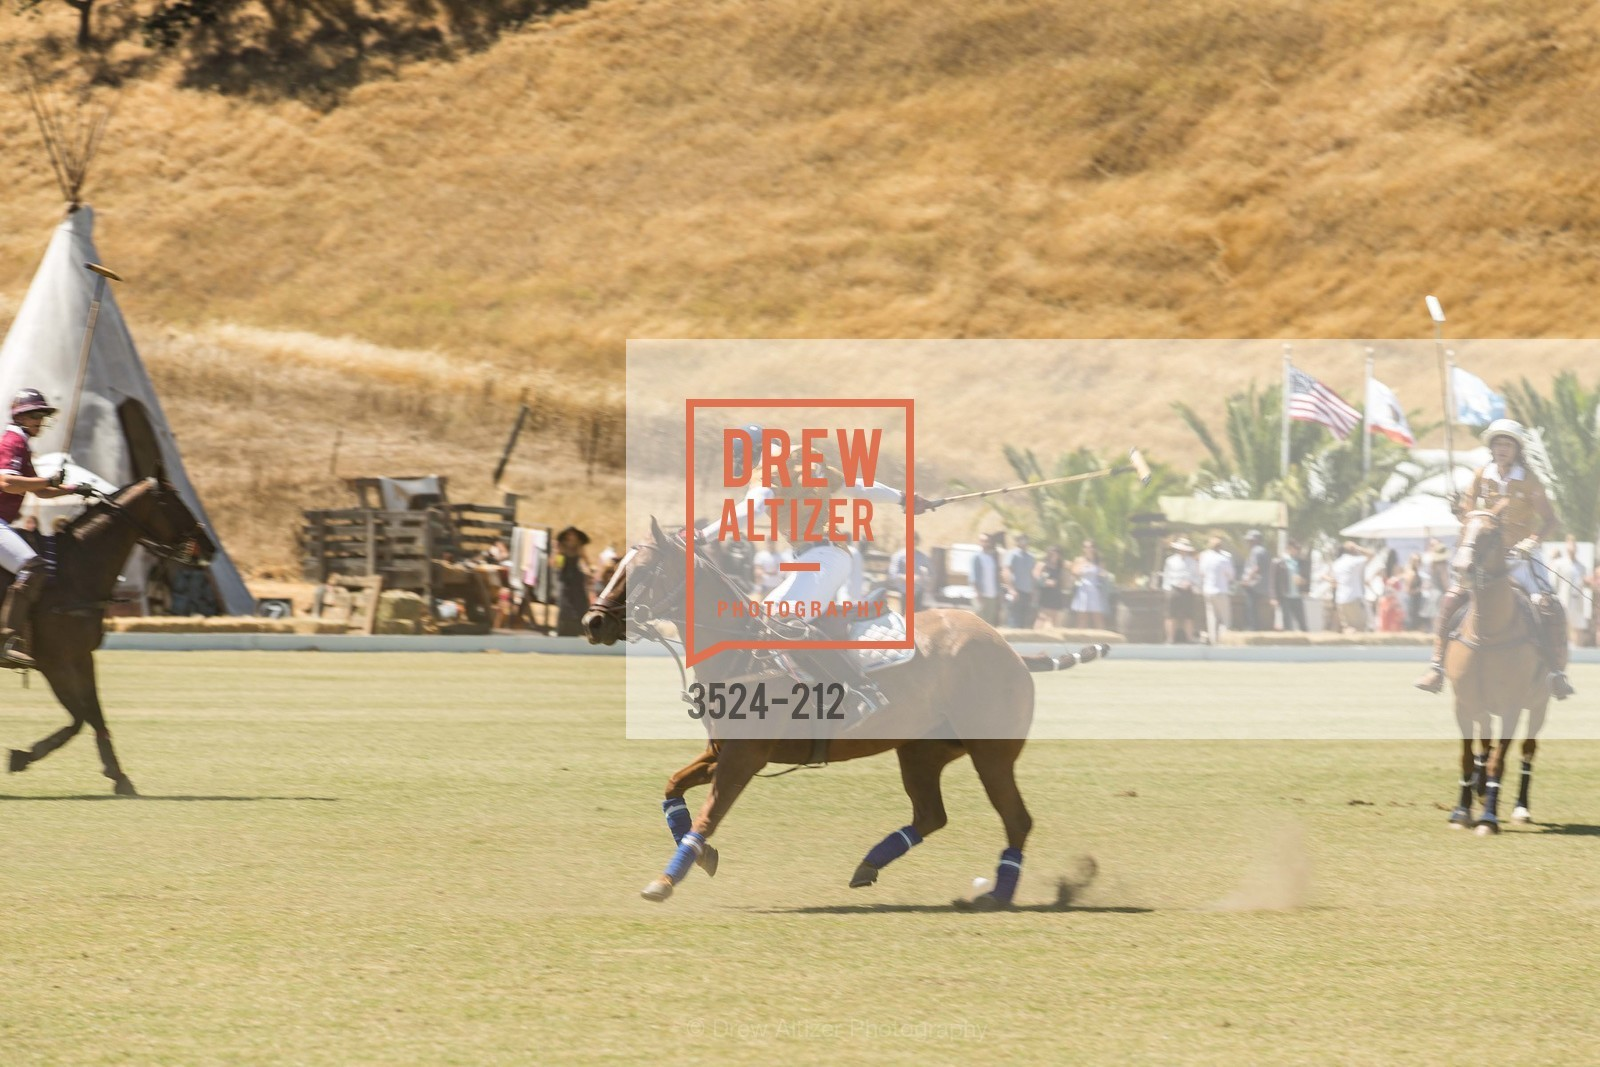 Polo Match, Photo #3524-212